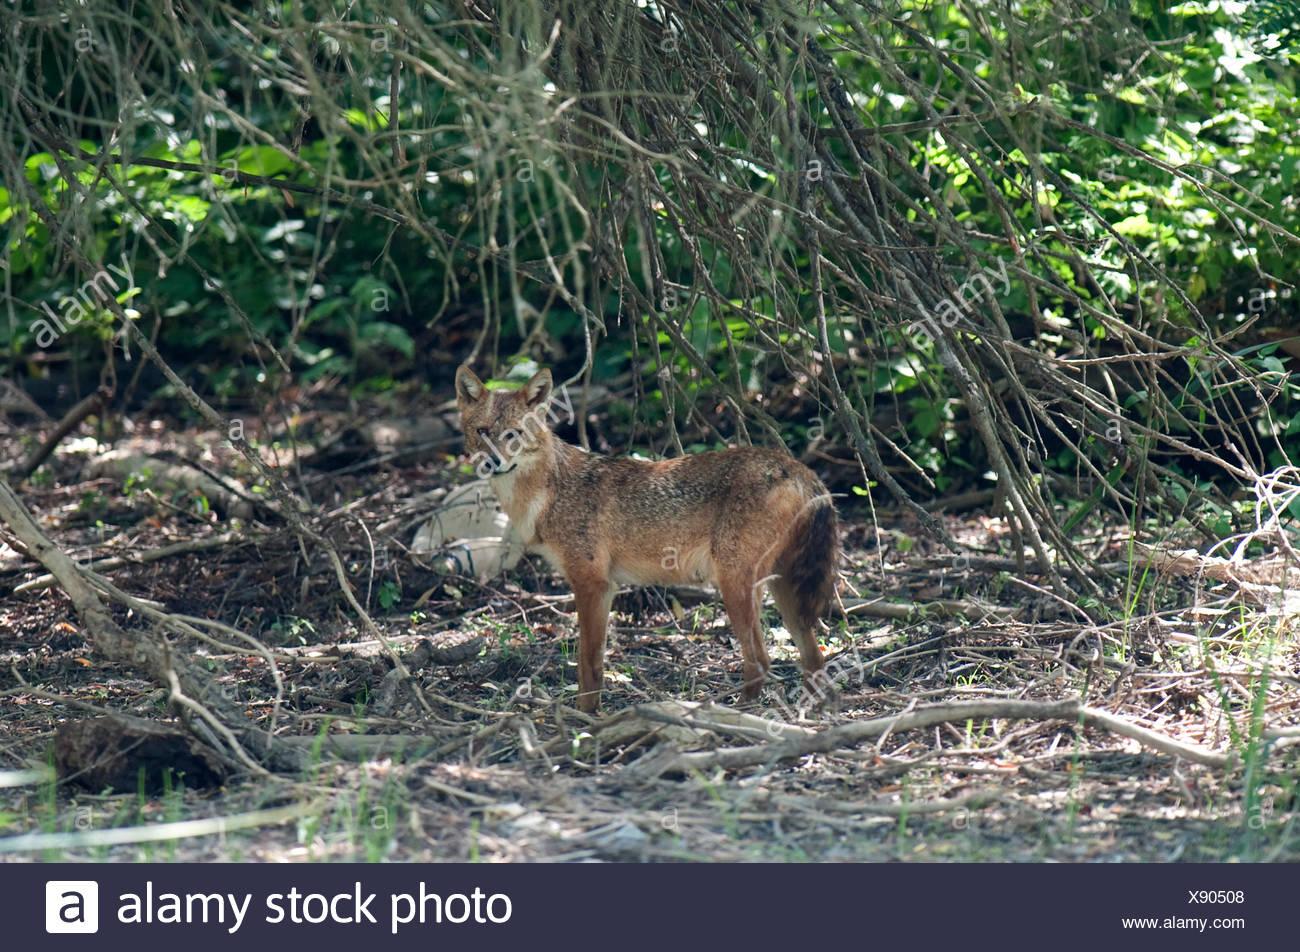 Chacal européen, Canis aureus moreoticus, Delta du Danube, Roumanie, caucasien jackal ou reed le loup, sous-espèce de chacal doré originaire d'Europe du Sud-Est Banque D'Images